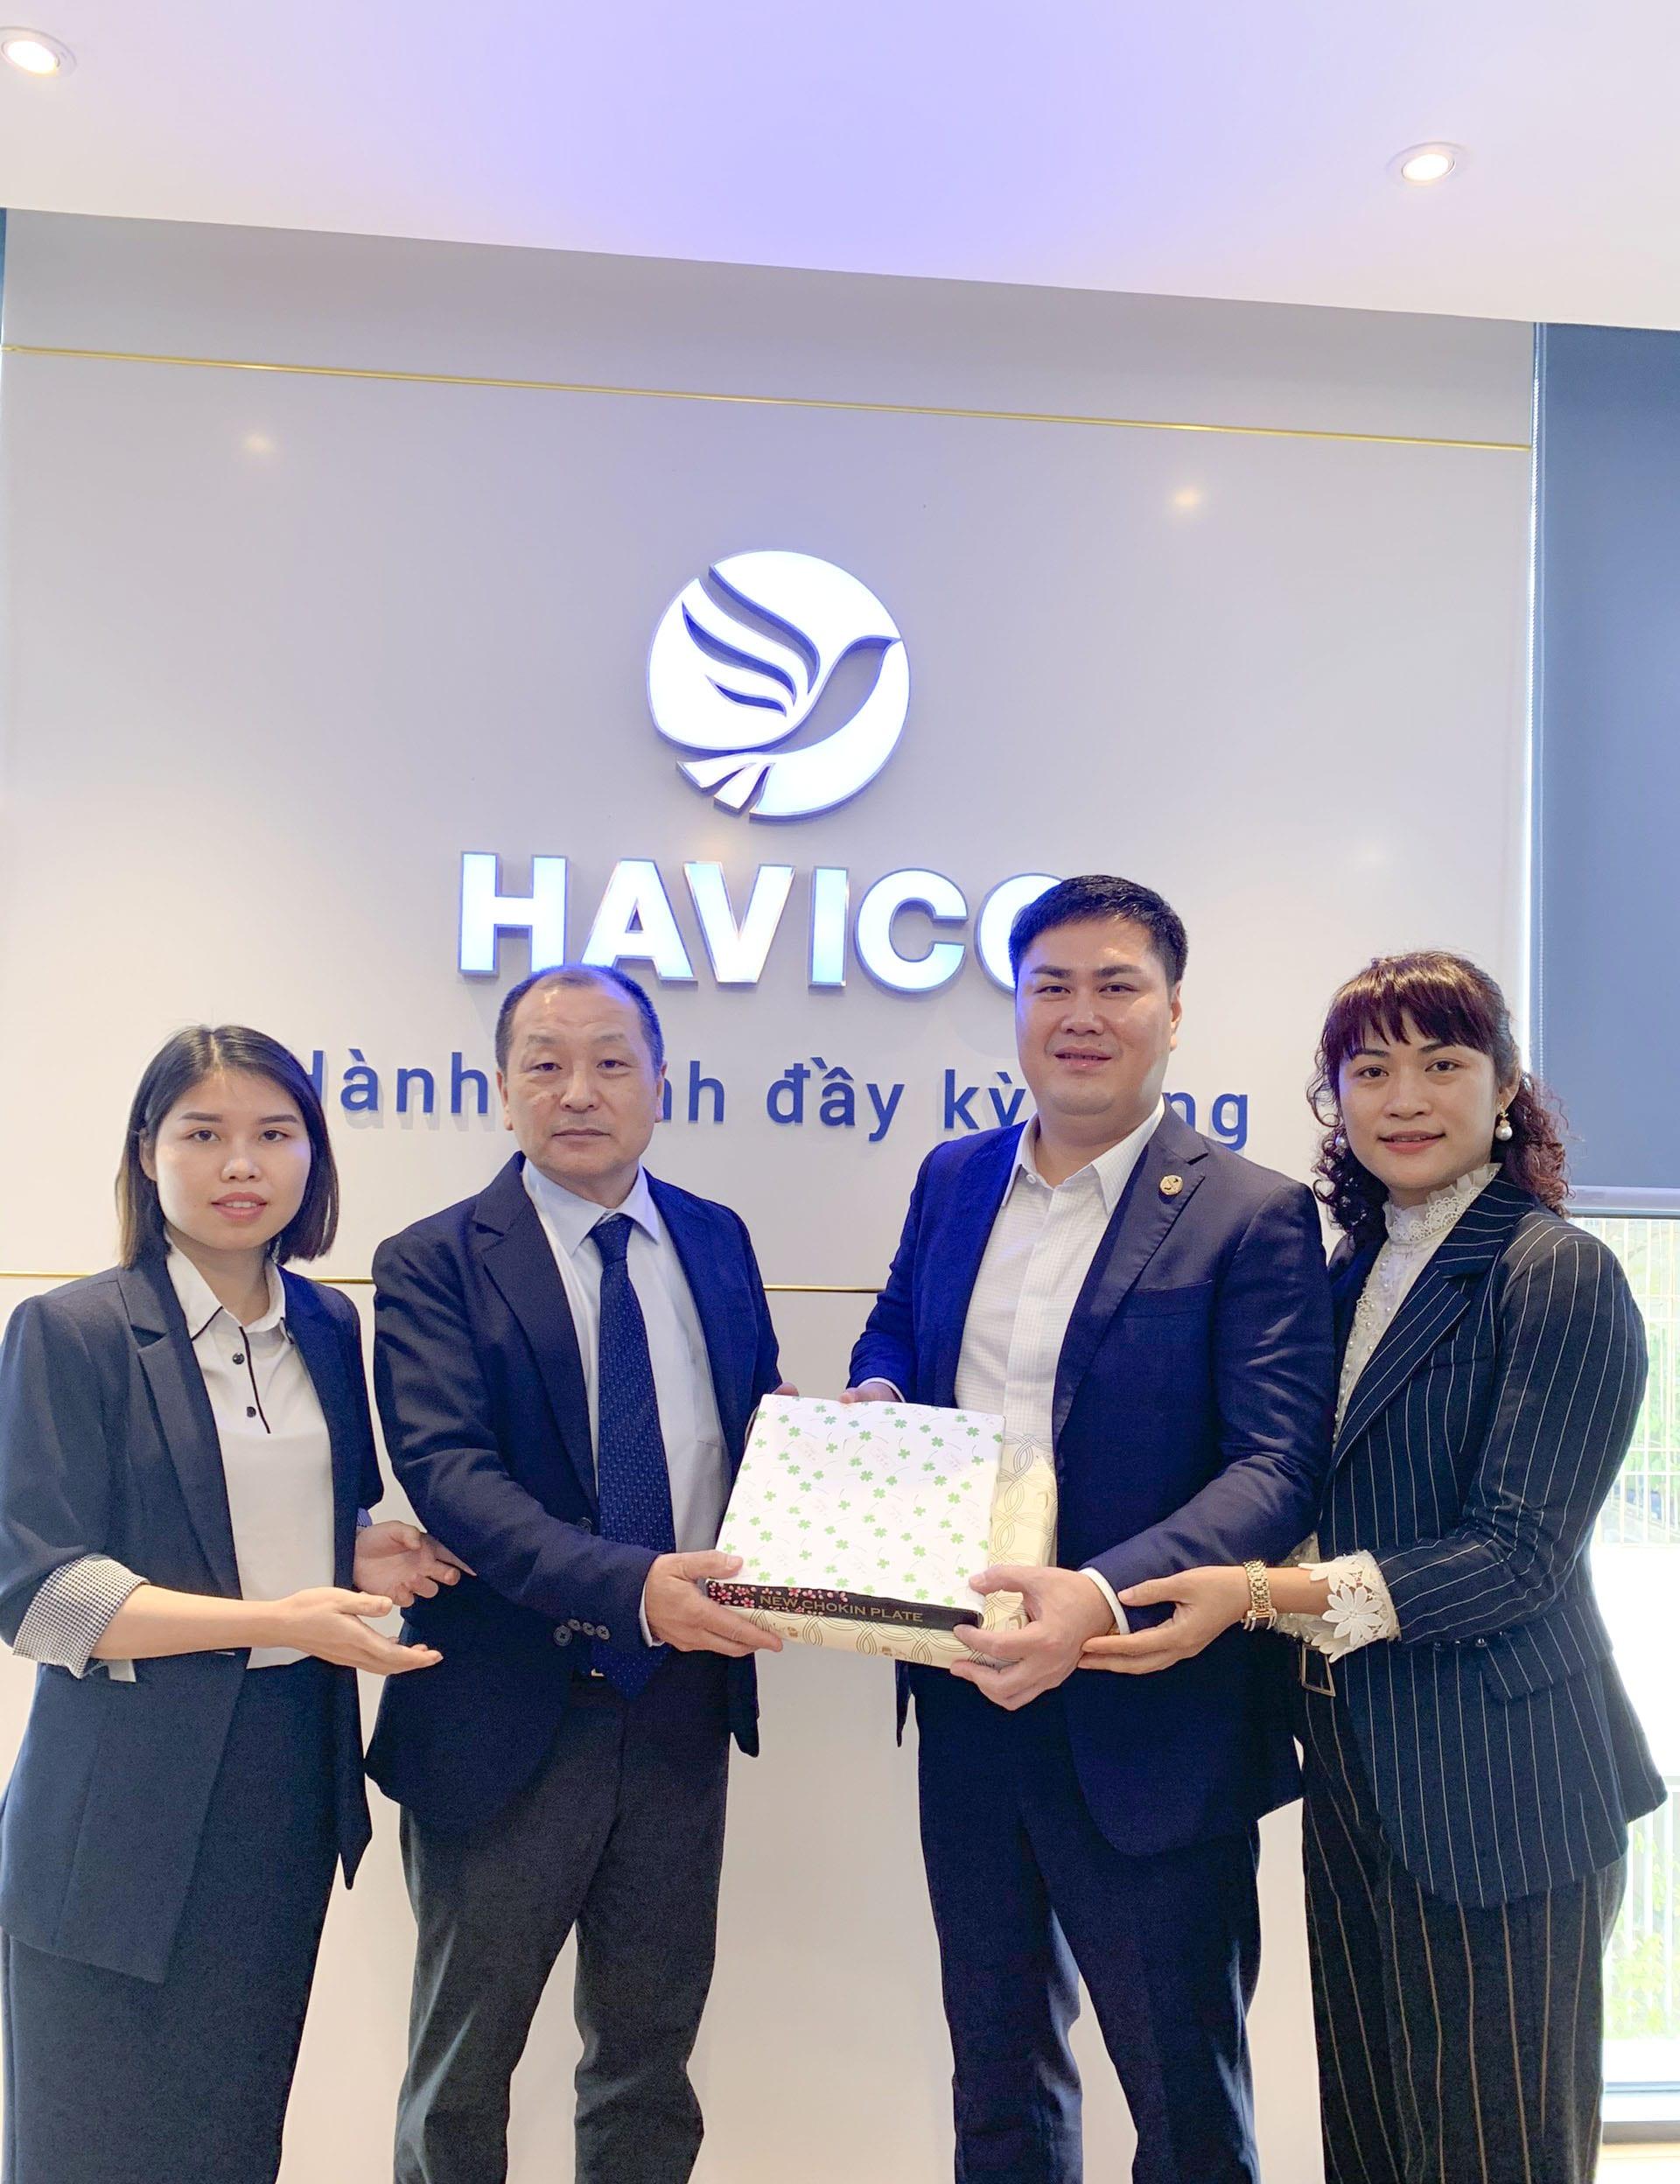 Ông Toshikazu Shibaki, đại diện lãnh đạo Chiyoda Building Kanzai gặp mặt và tặng quà lưu niệm tới Ban lãnh đạo HAVICO